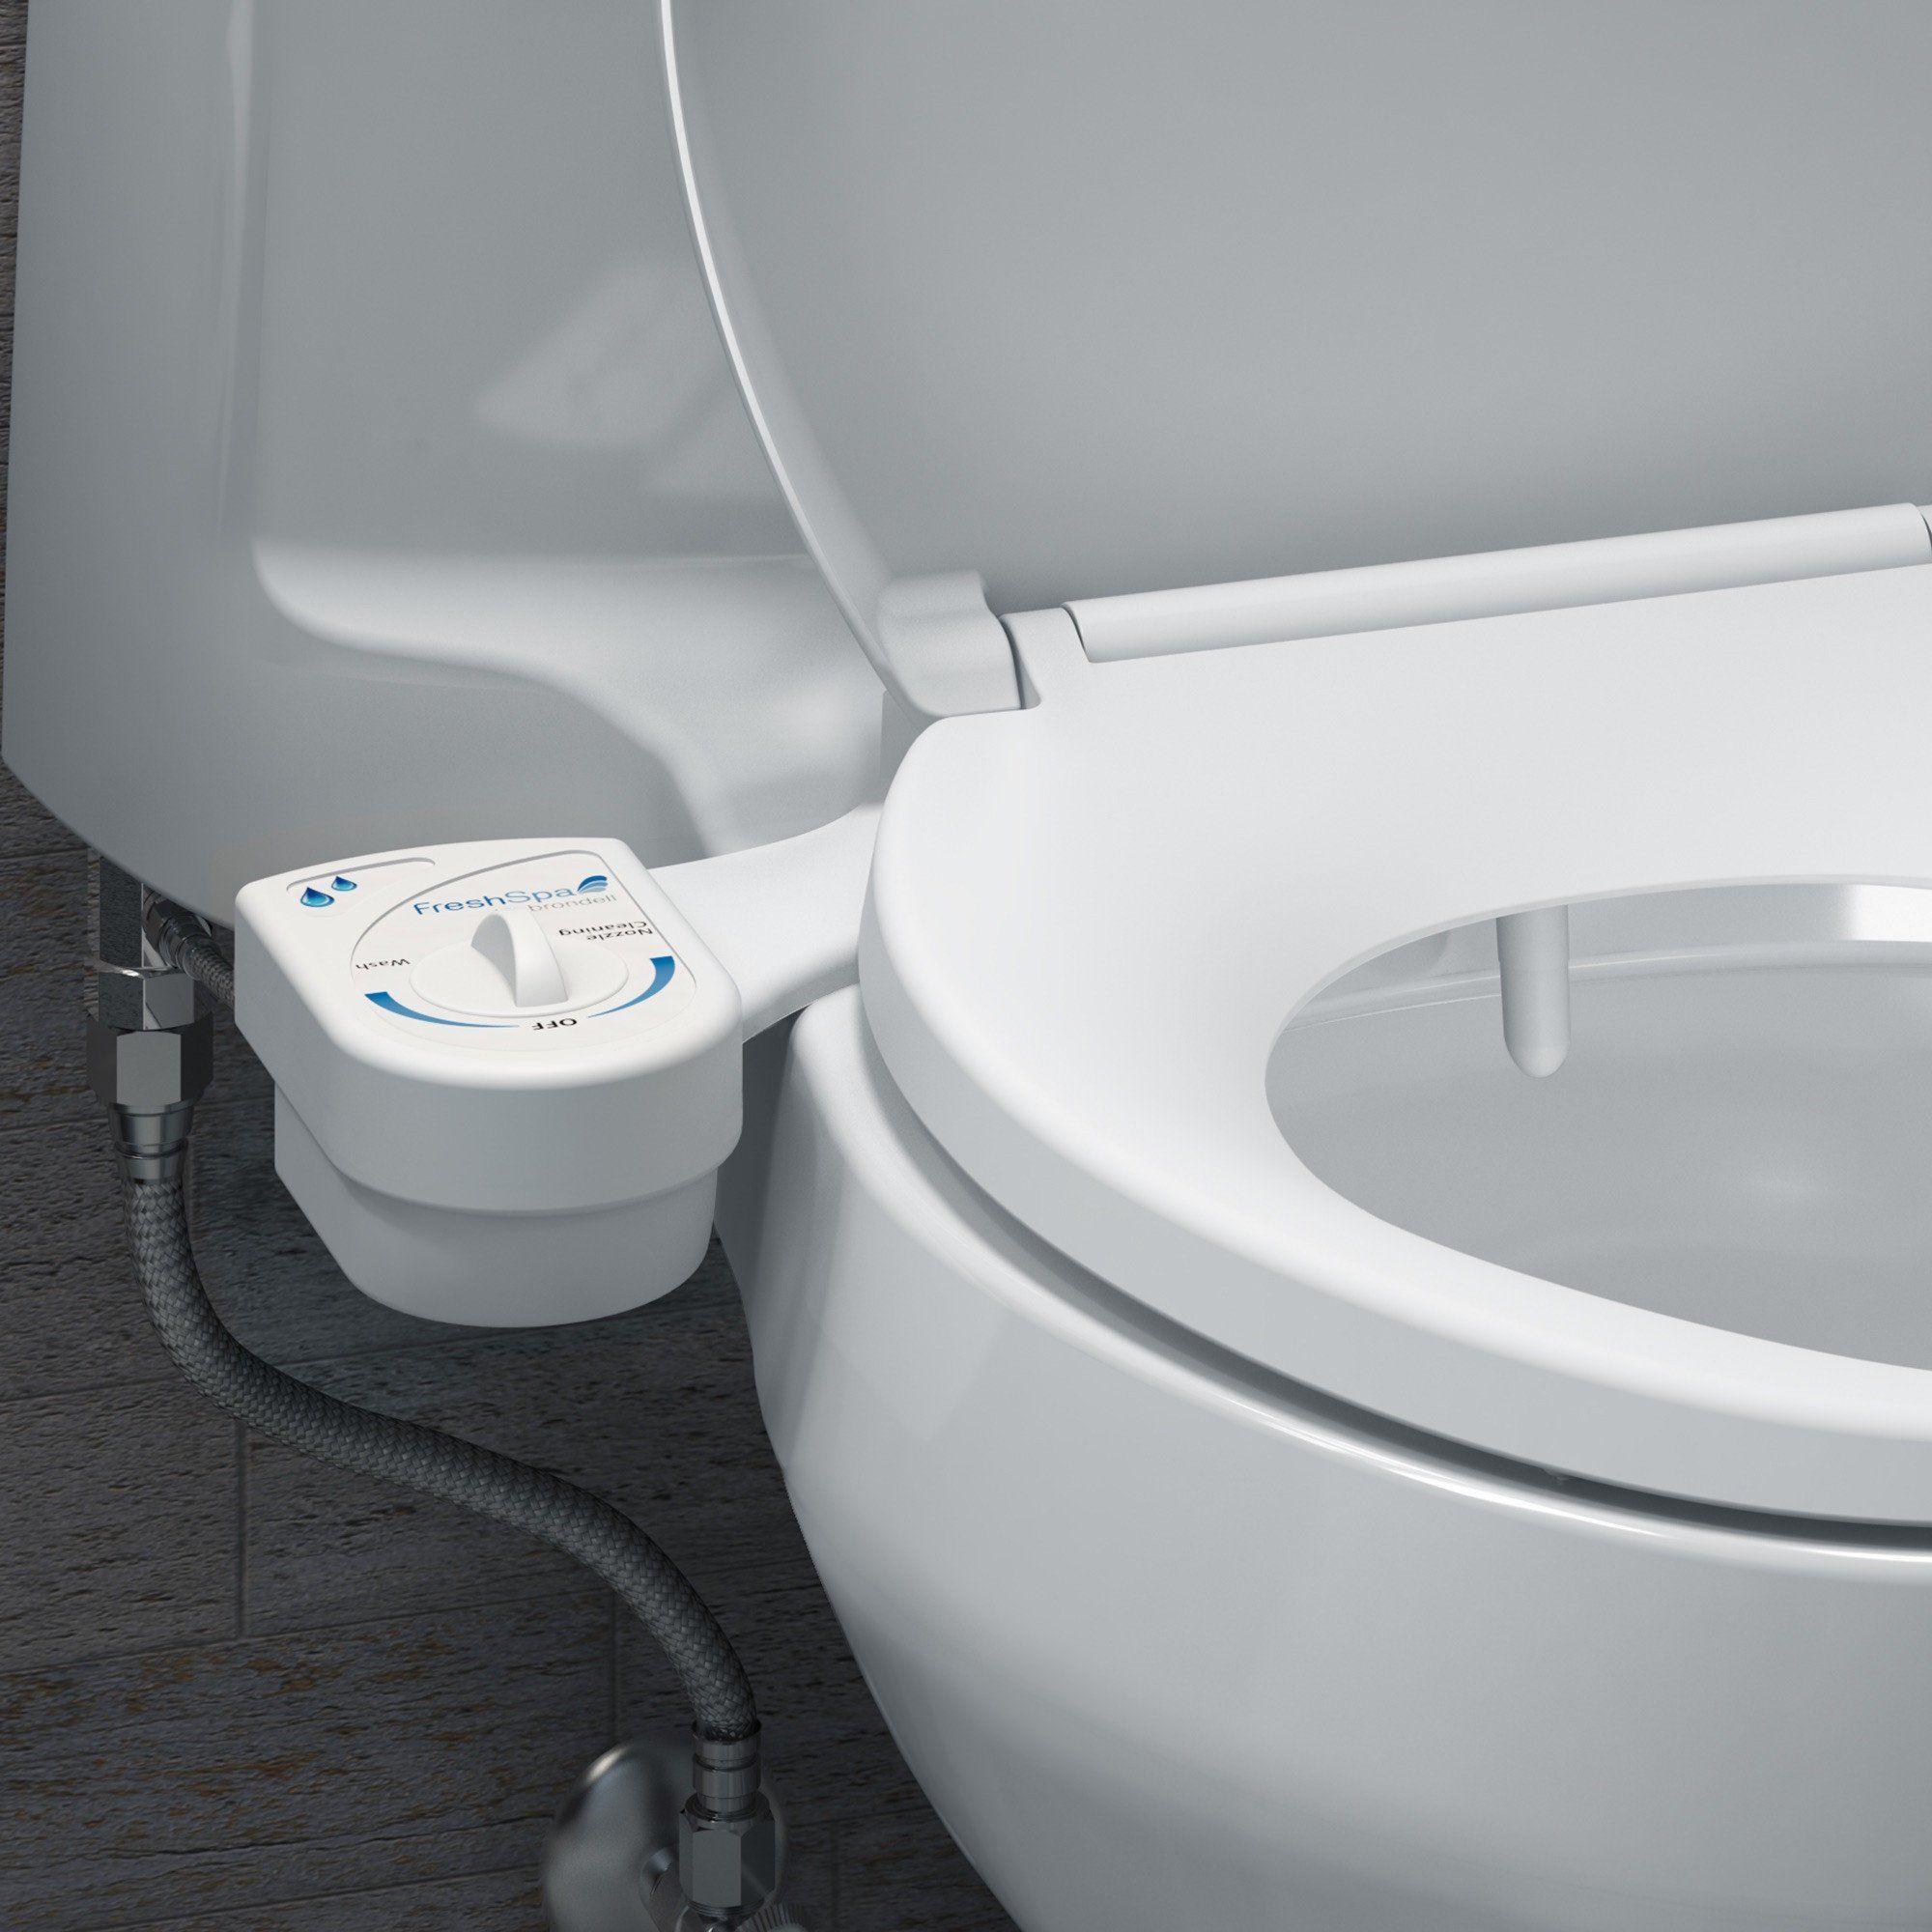 Freshspa Easy Bidet Toilet Attachment In 2020 Toilet Bidet